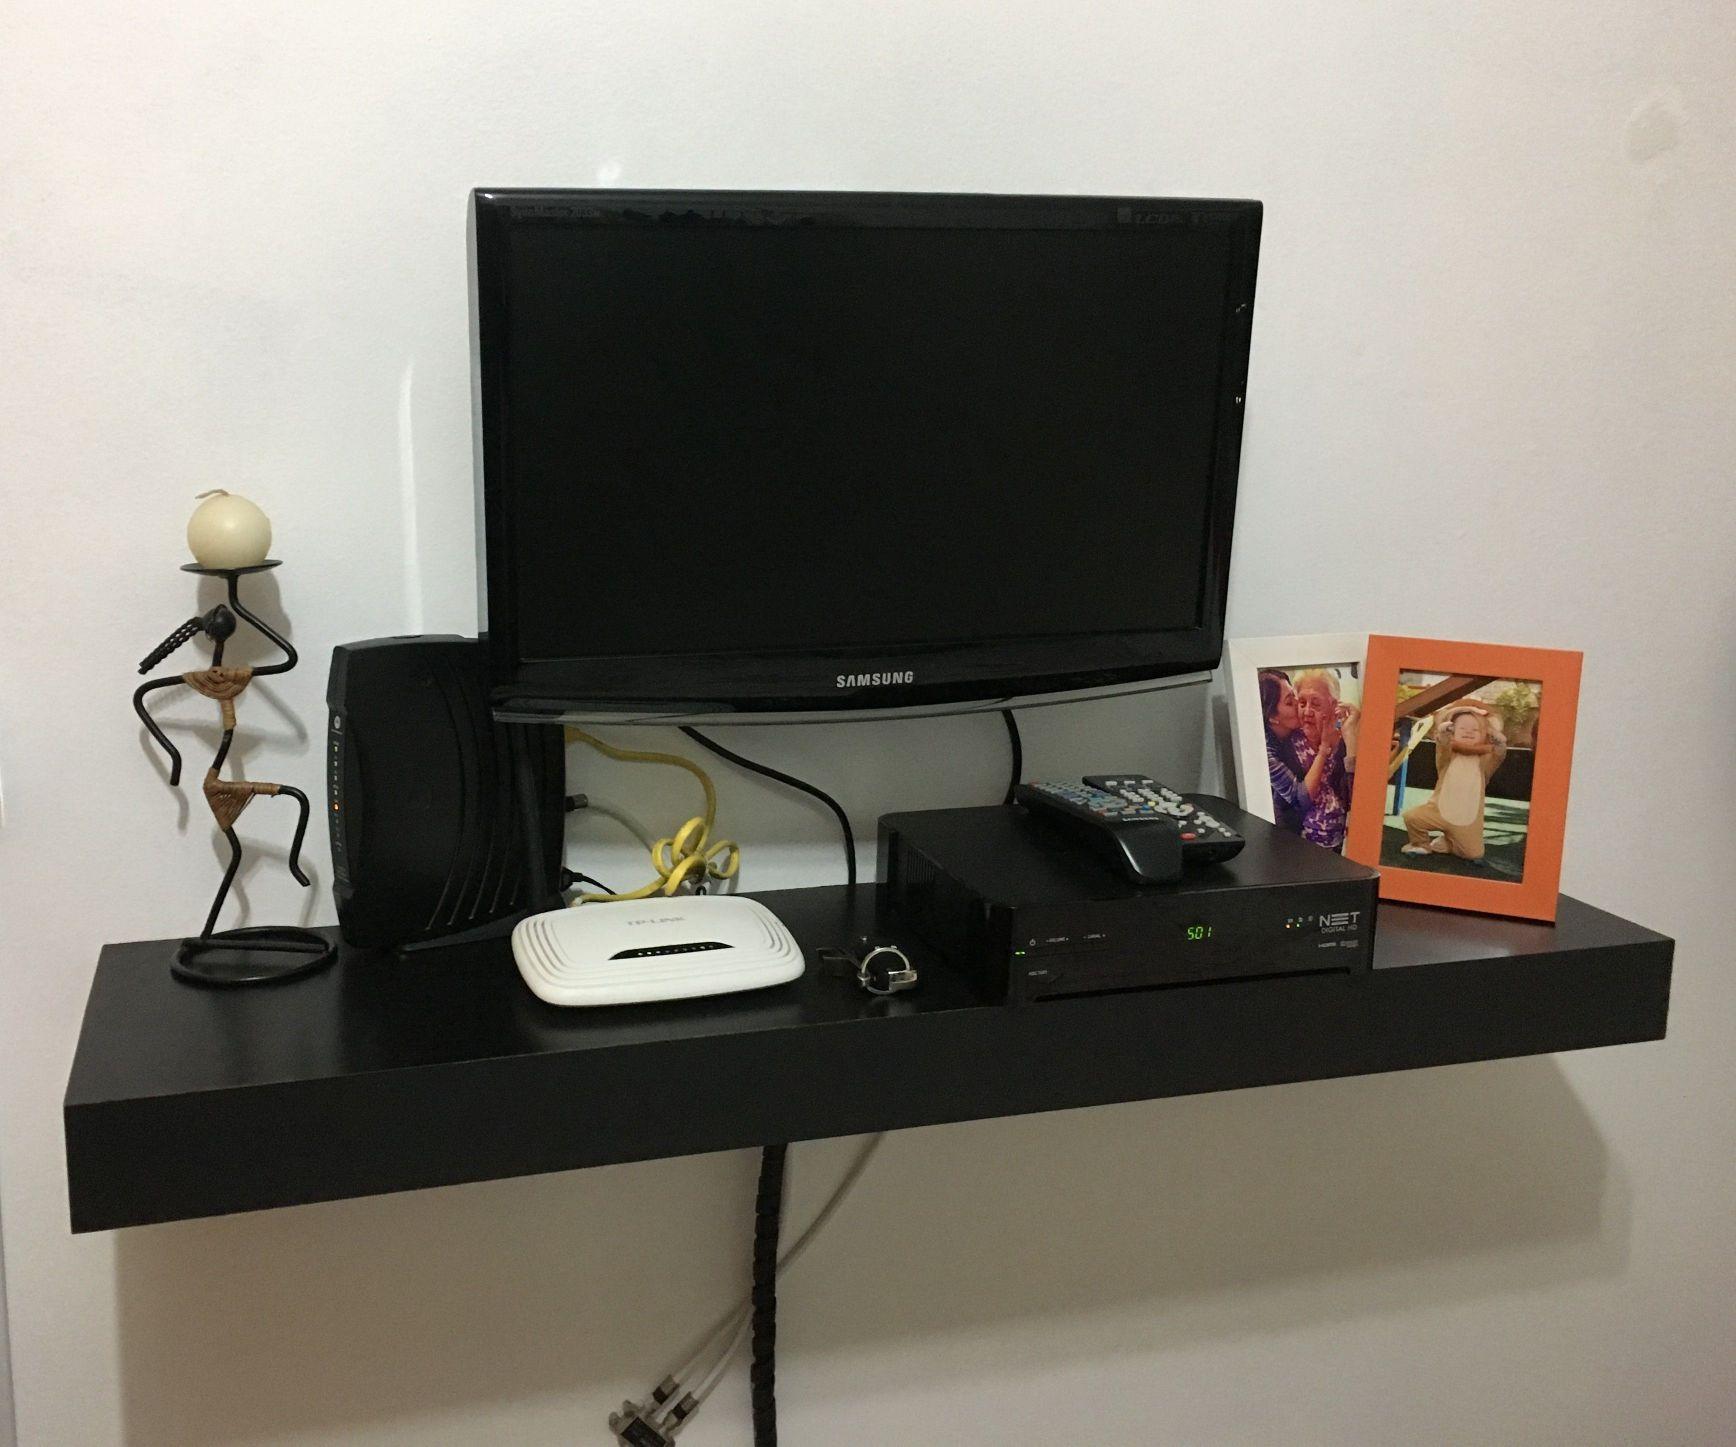 Instalação de TV e prateleira para equipamento